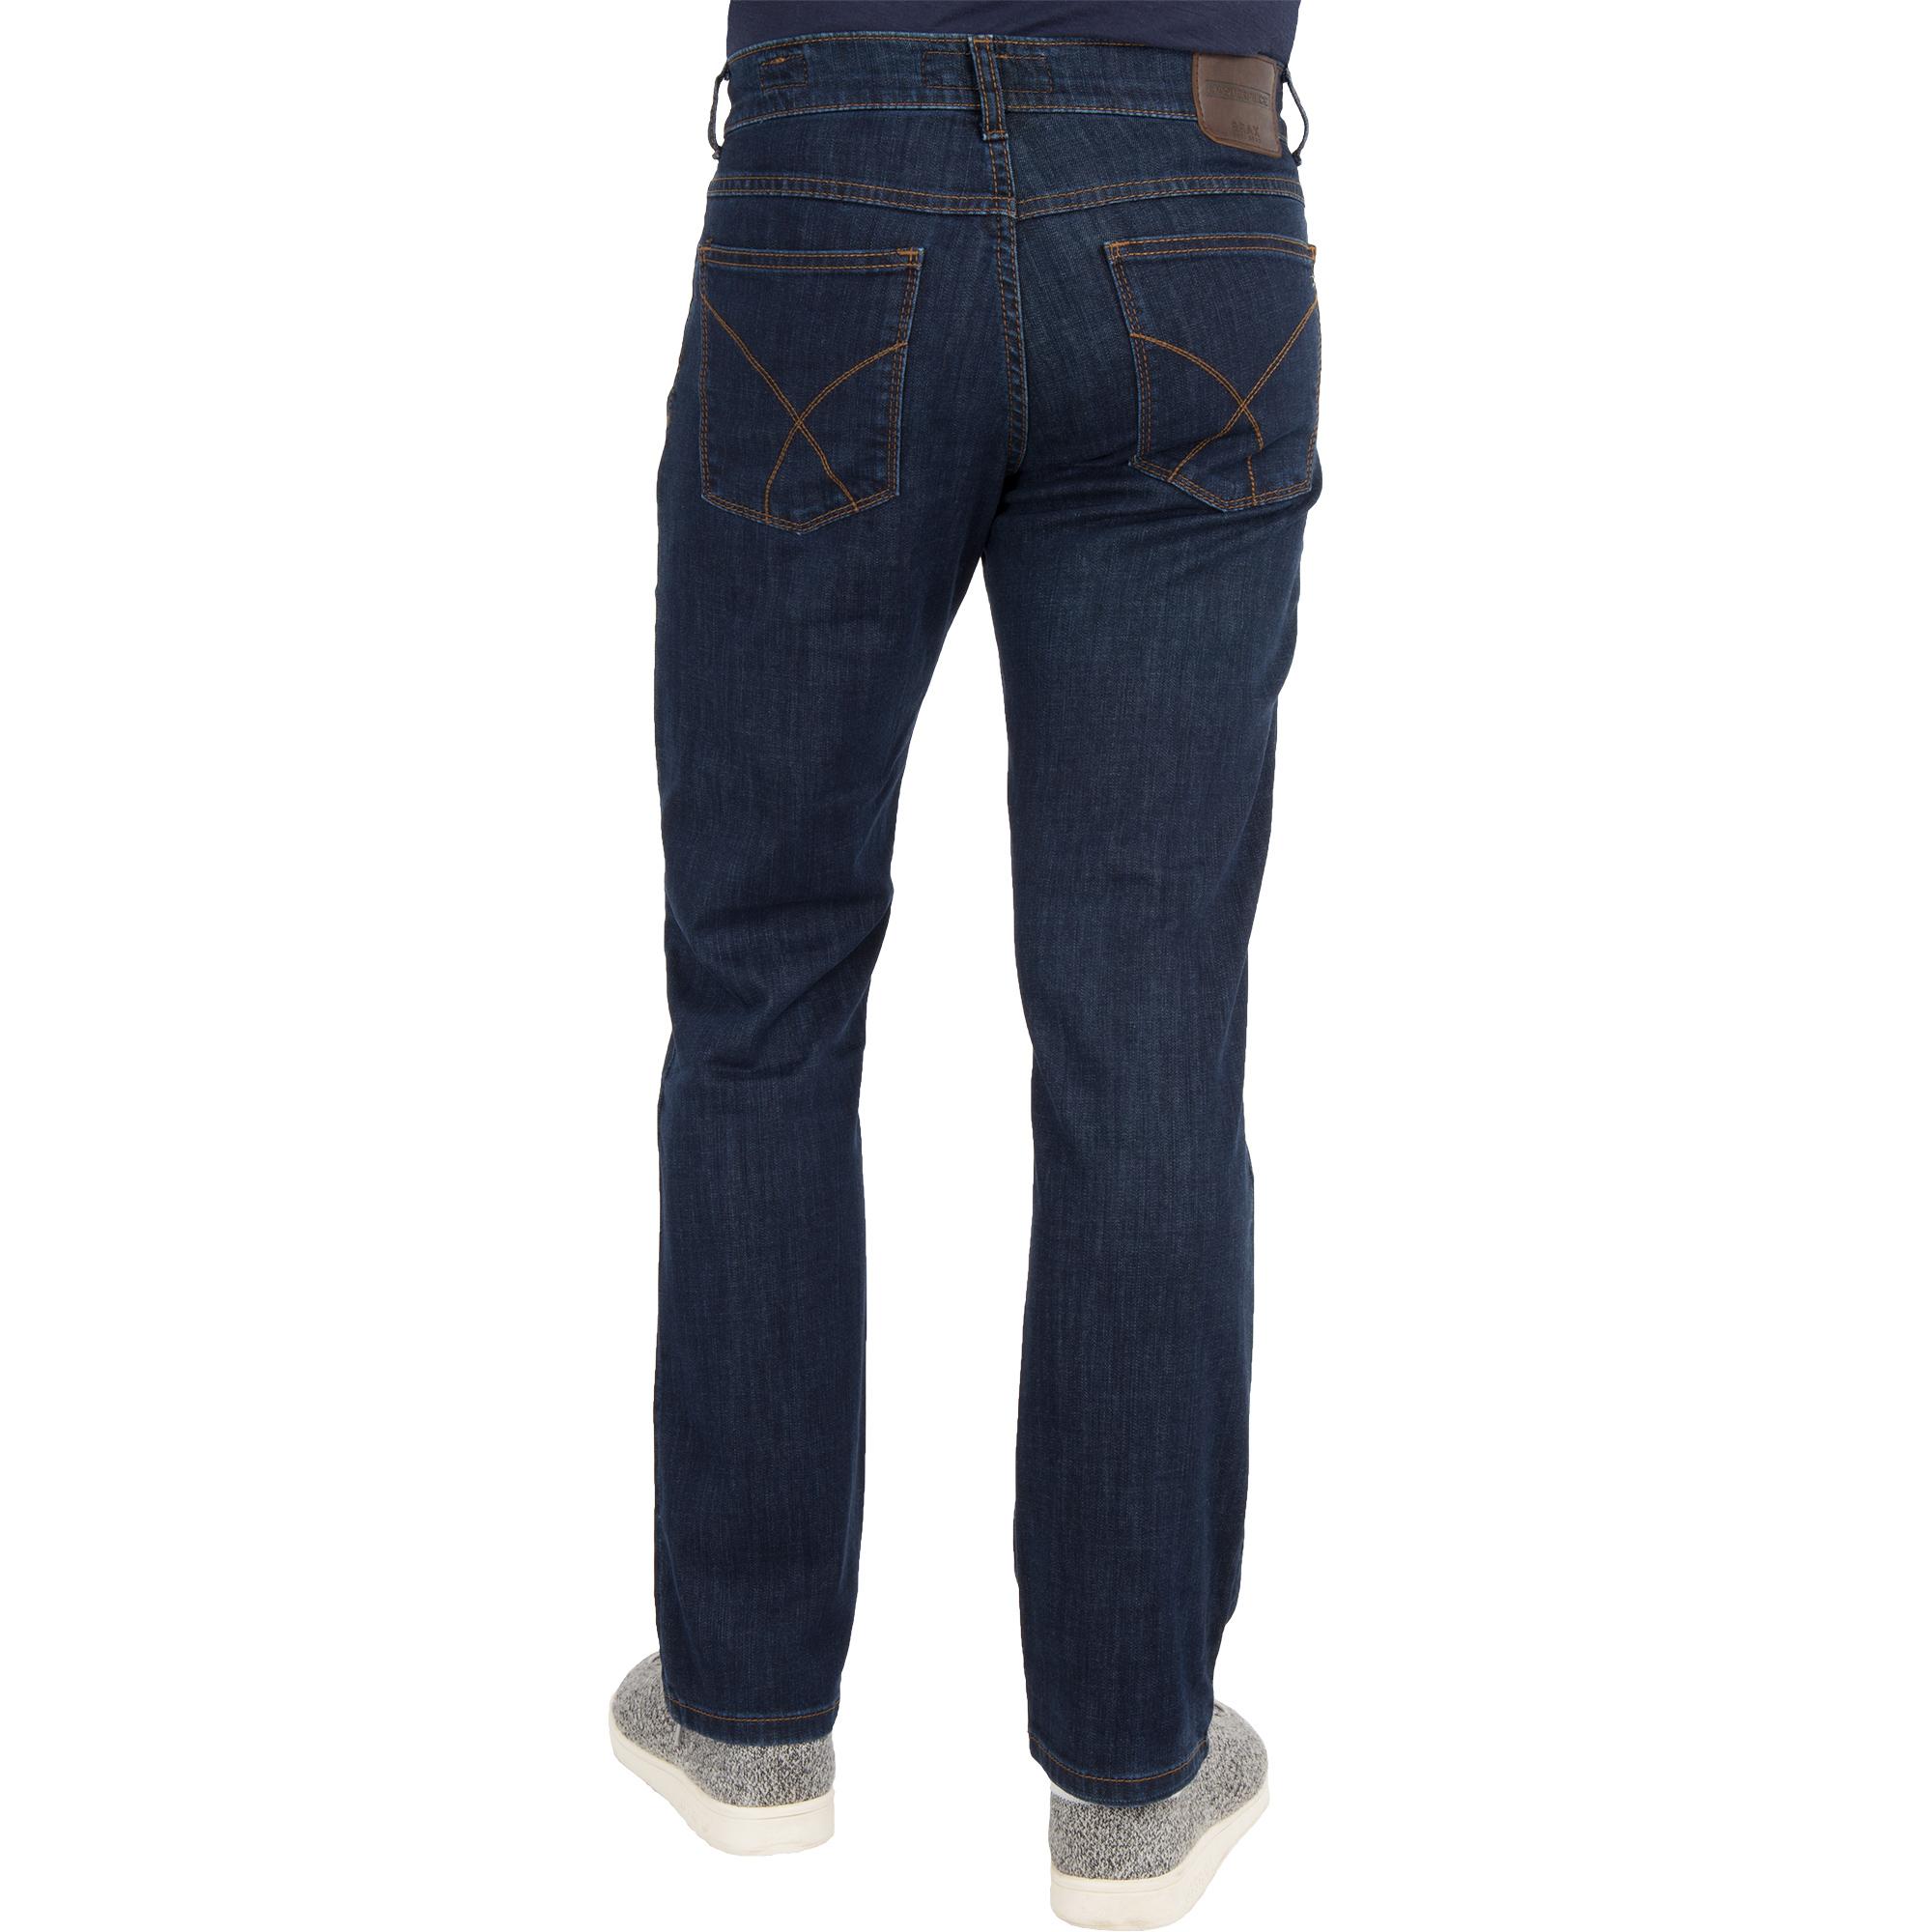 brax herren jeans cooper denim regular fit blue black. Black Bedroom Furniture Sets. Home Design Ideas